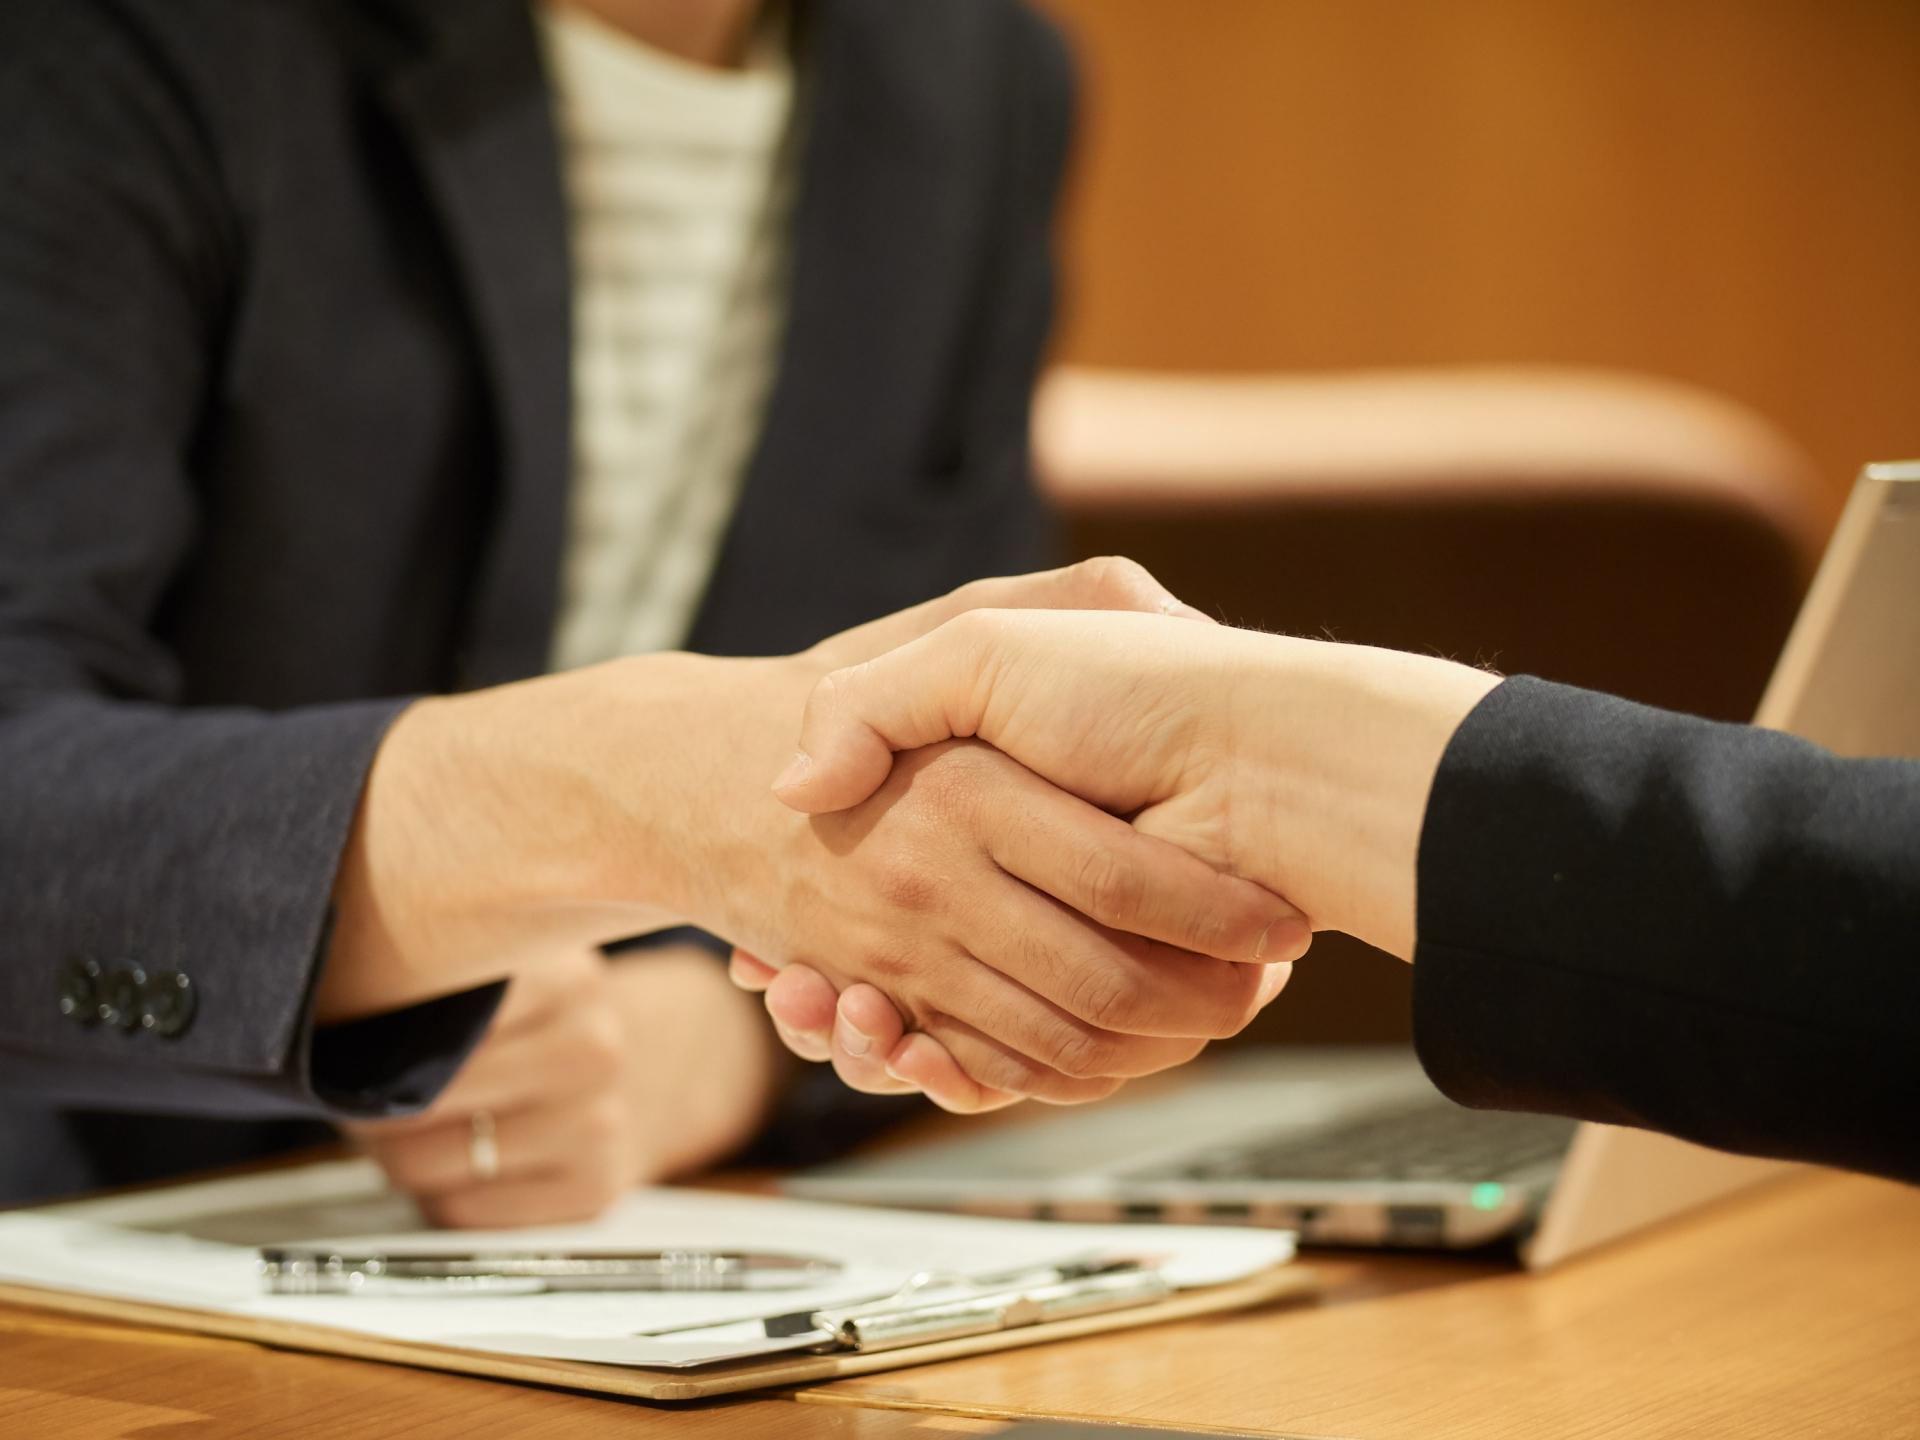 ハウスメーカーや工務店との契約前に後悔しない基礎知識7選まとめ